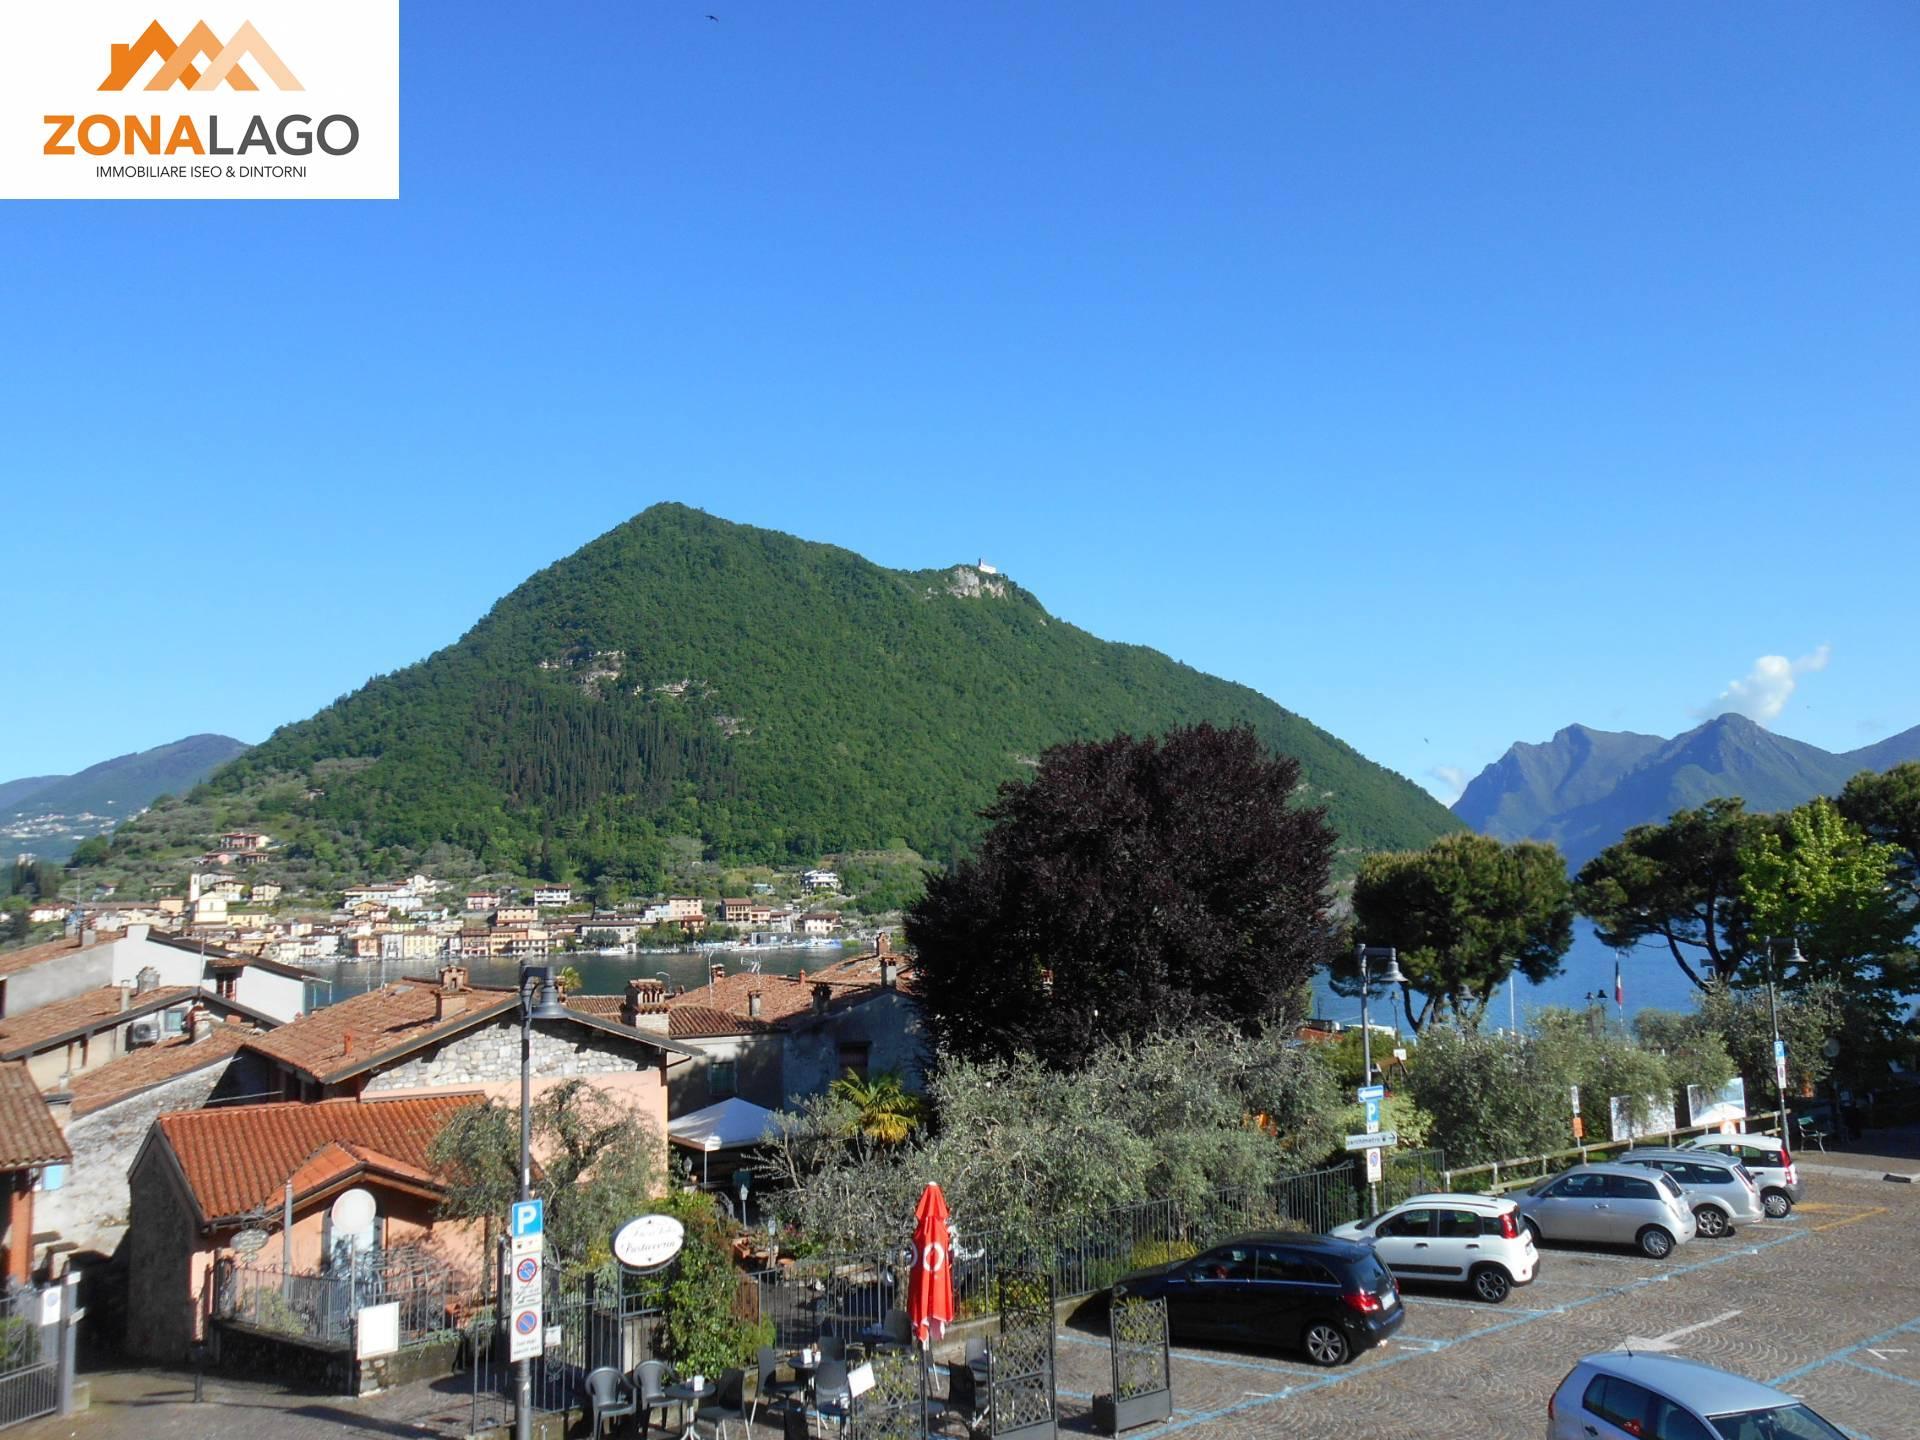 Appartamento in vendita a Sulzano, 4 locali, zona Località: Centro/Centrostorico, prezzo € 135.000 | PortaleAgenzieImmobiliari.it